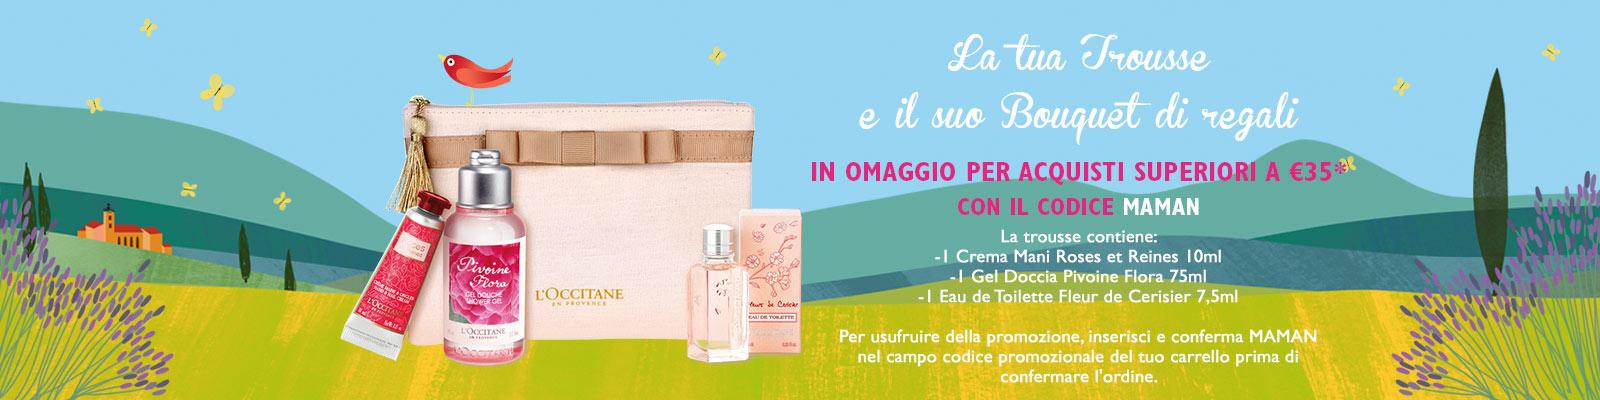 Offerta Festa della Mamma - L'Occitane